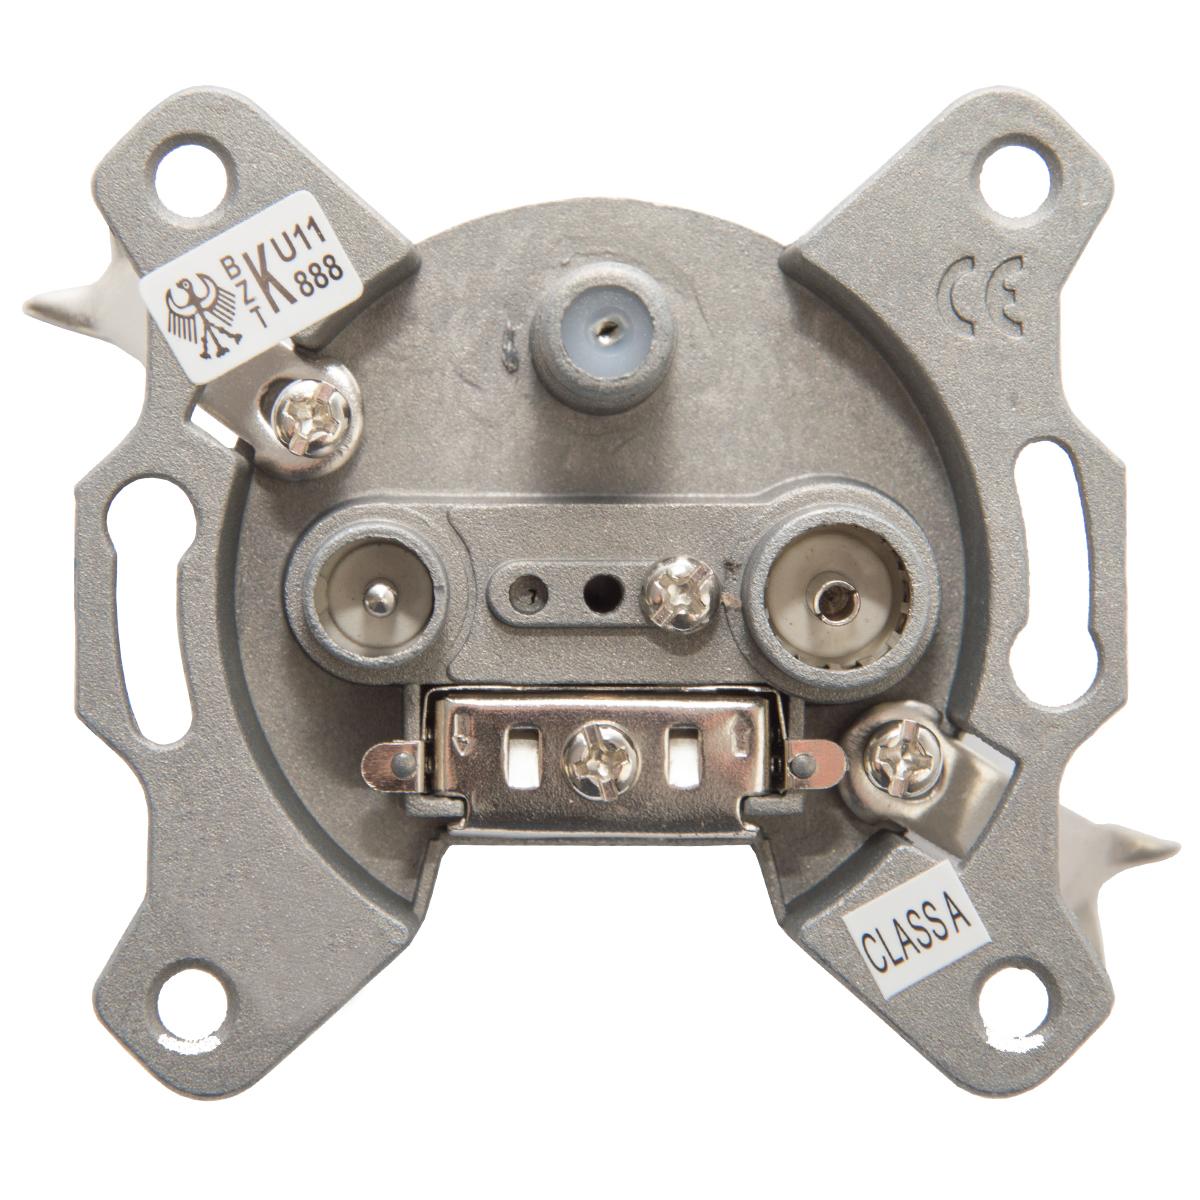 5x PremiumX PX3 Antennendose 3-Fach Enddose Antennen-Dose Aufputz Unterputz